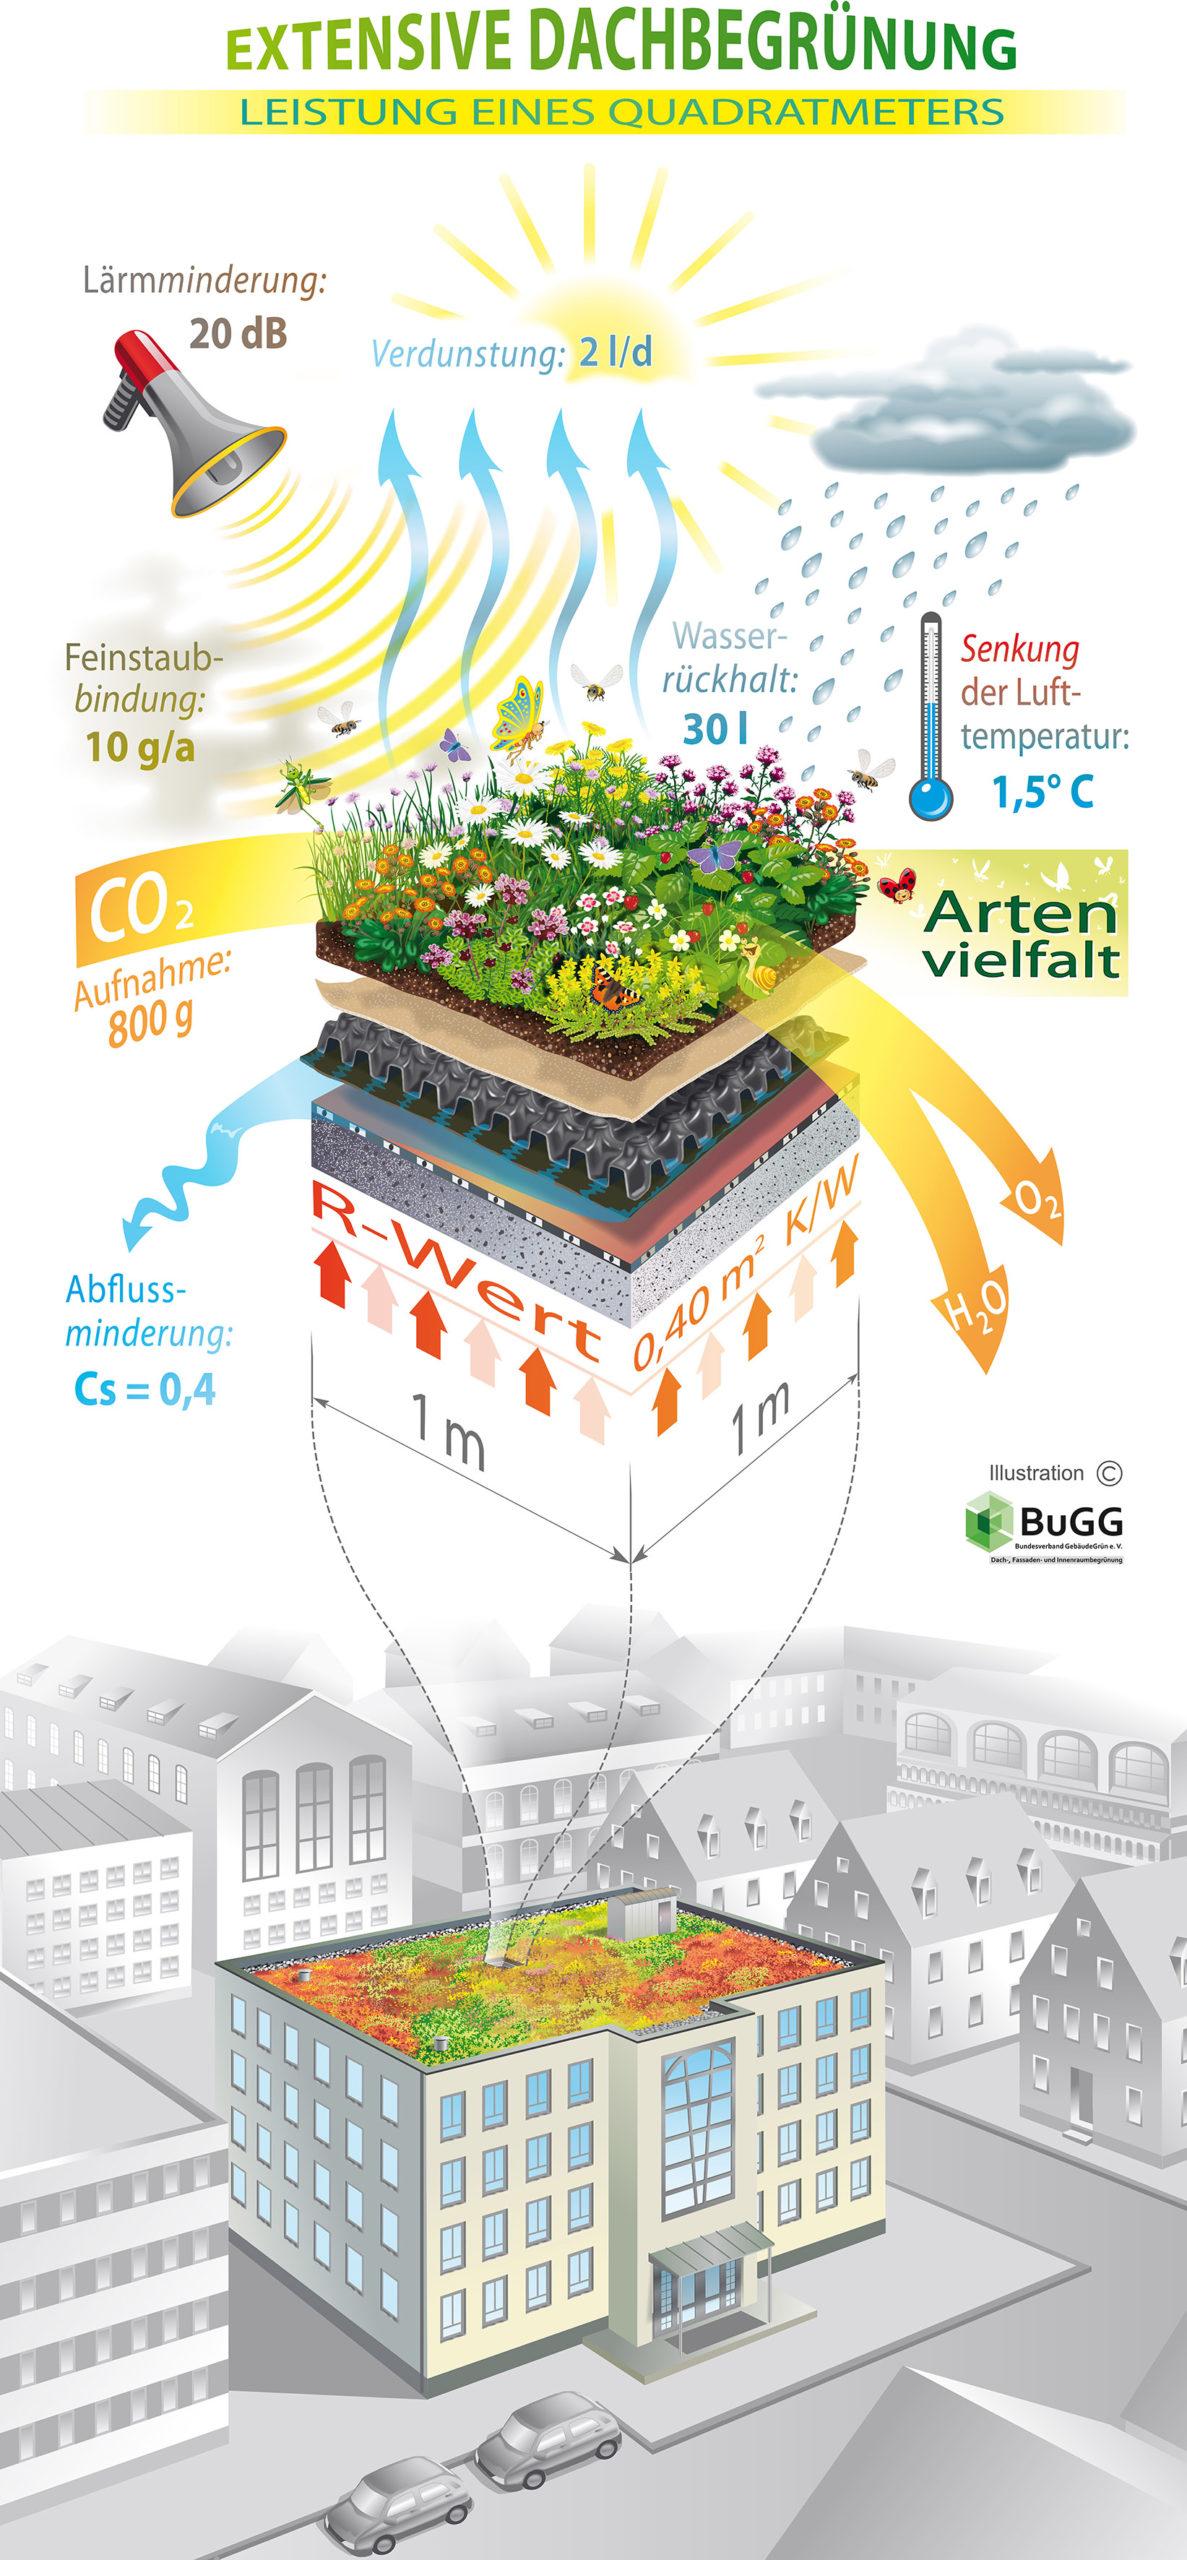 Grafik einer extensiven Dachbegrünung